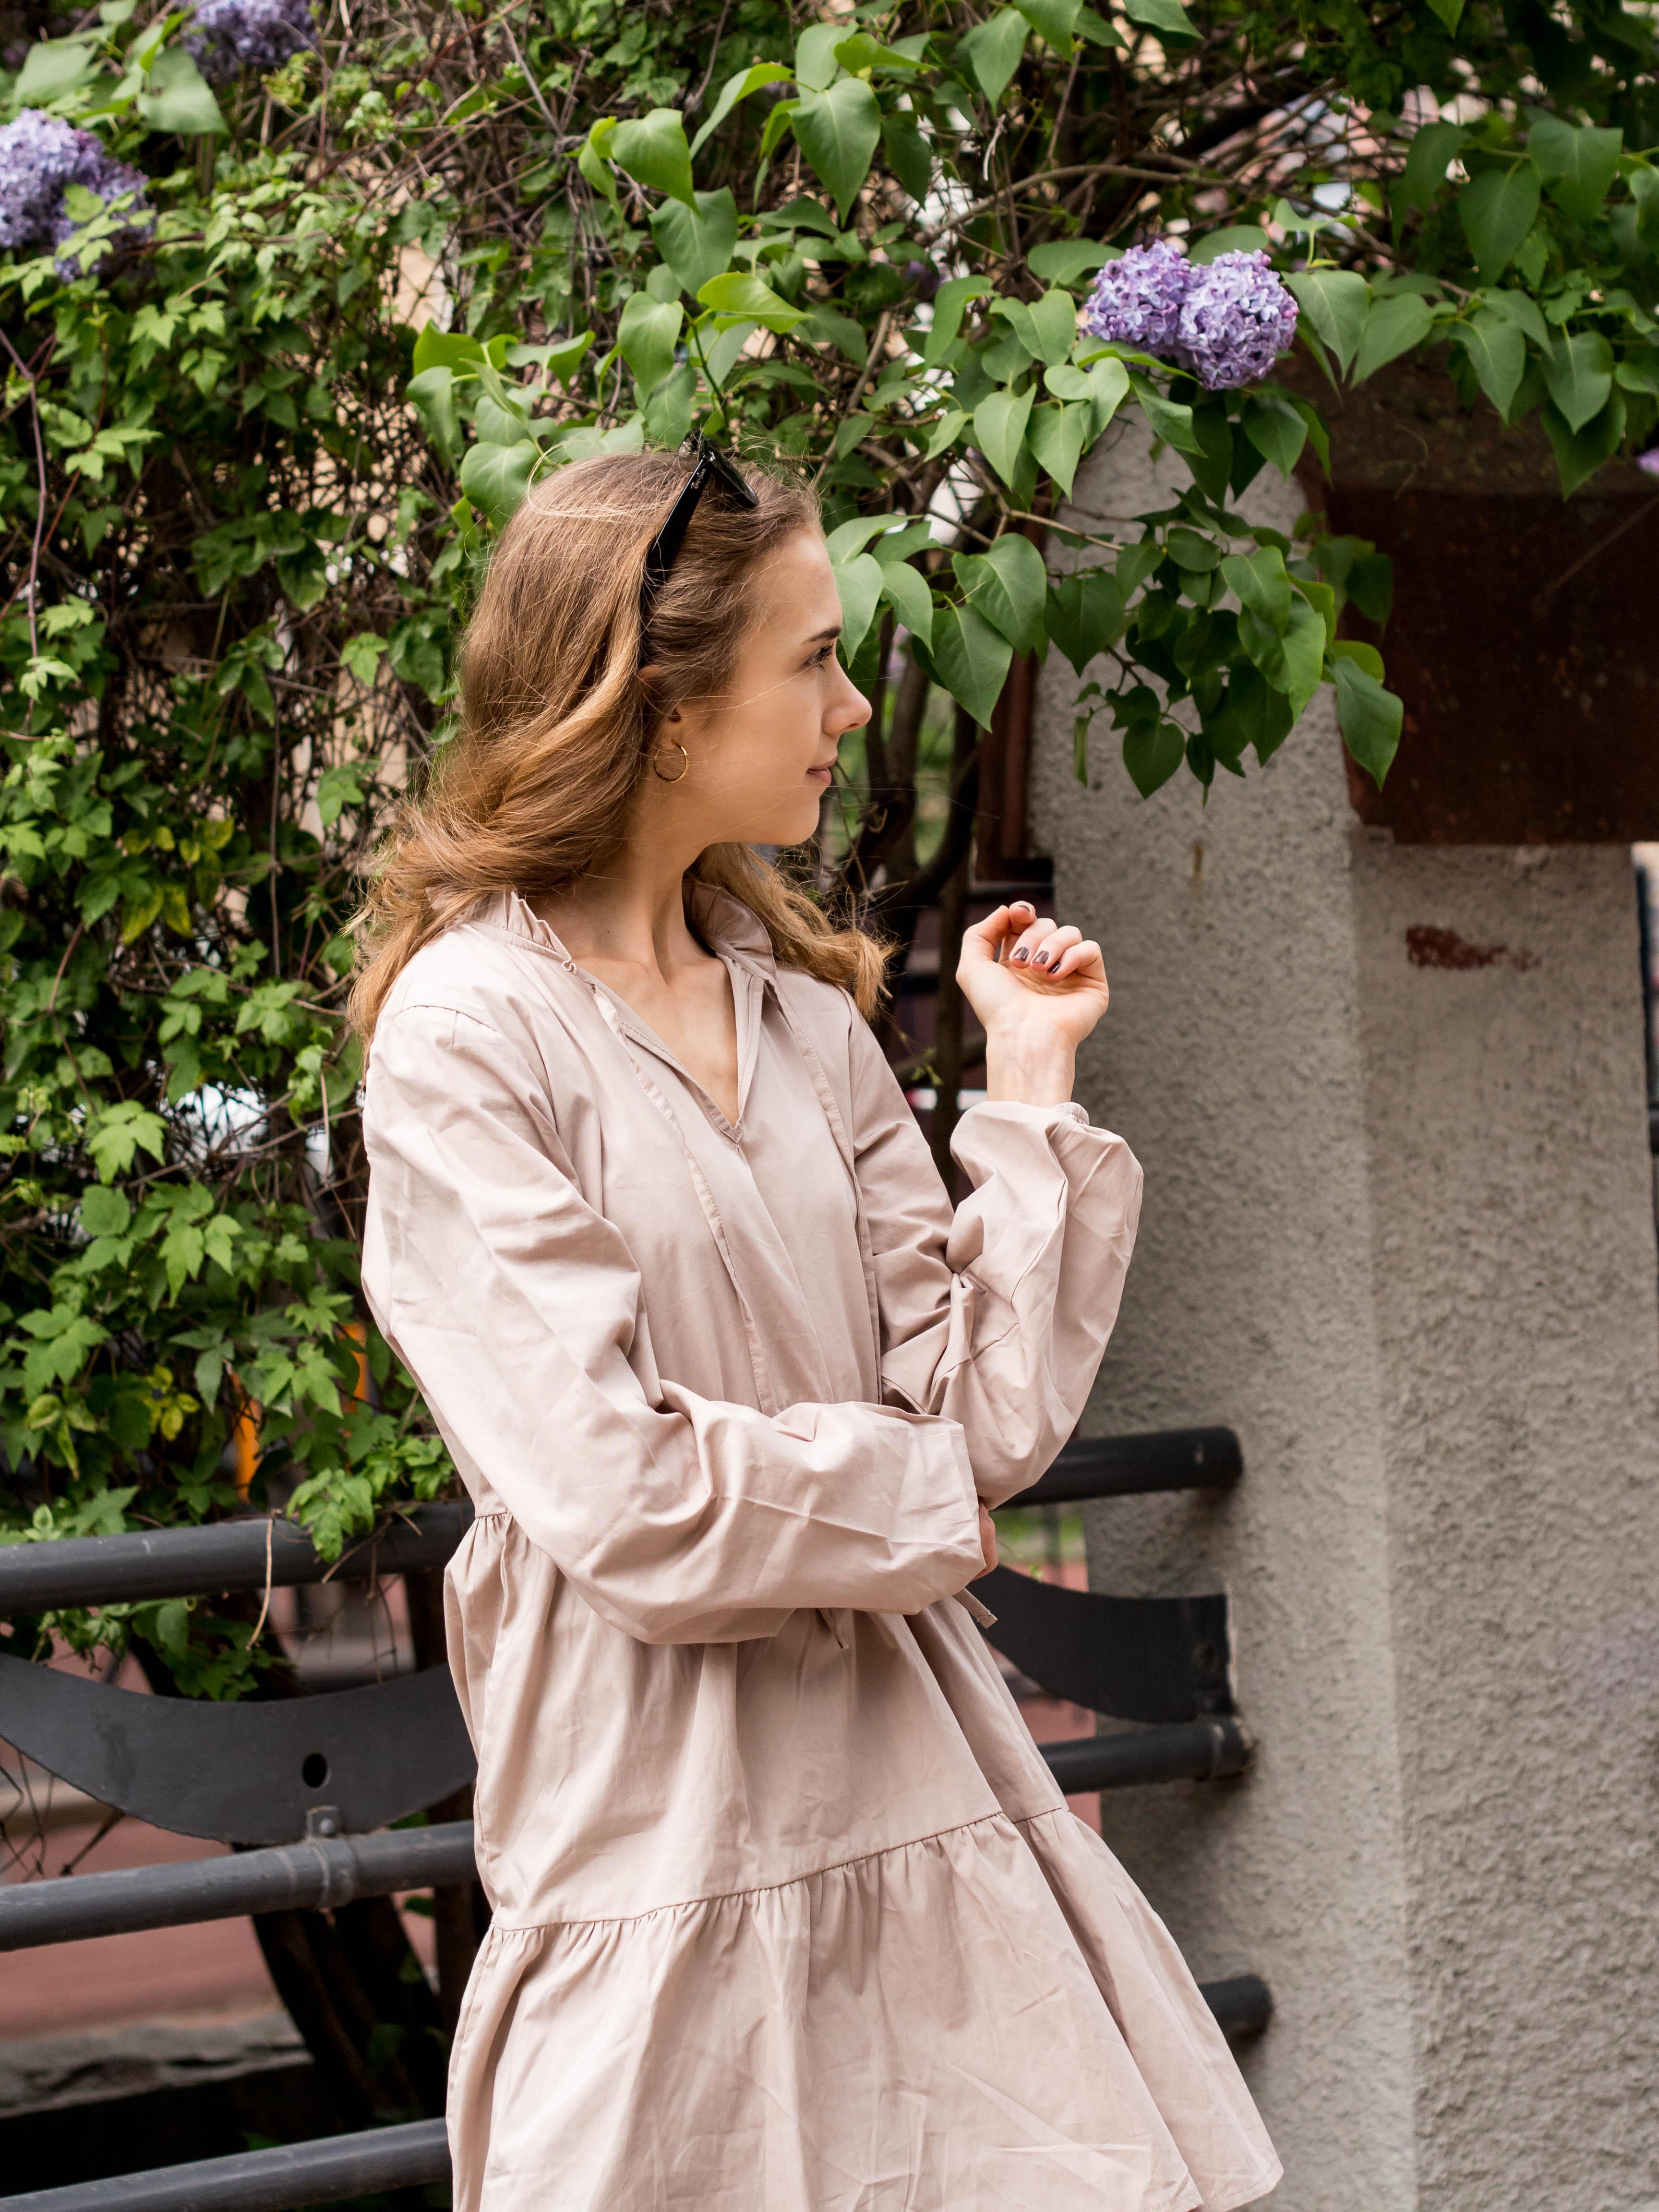 Fashion blogger summer outfit 2020 - Muotibloggaaja, kesämuoti, asuinspiraatio